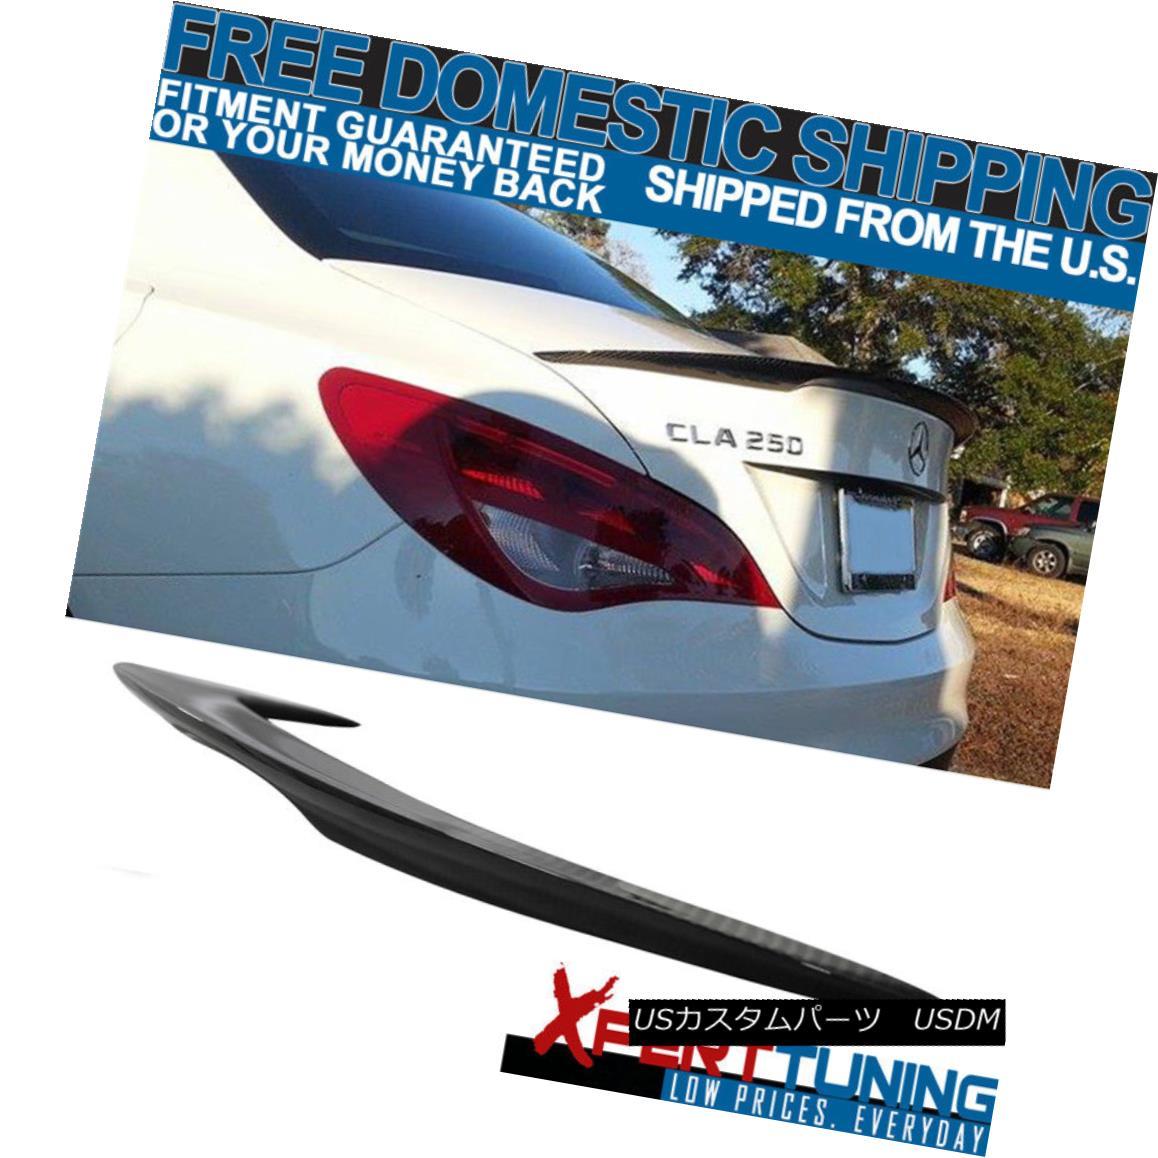 エアロパーツ 2013-2018 W117 CLA Sedan ADH Style Rear Trunk Spoiler Lip Wing CF Carbon Fiber 2013-2018 W117 CLAセダンADHスタイルリアトランクスポイラーリップウイングCFカーボンファイバー